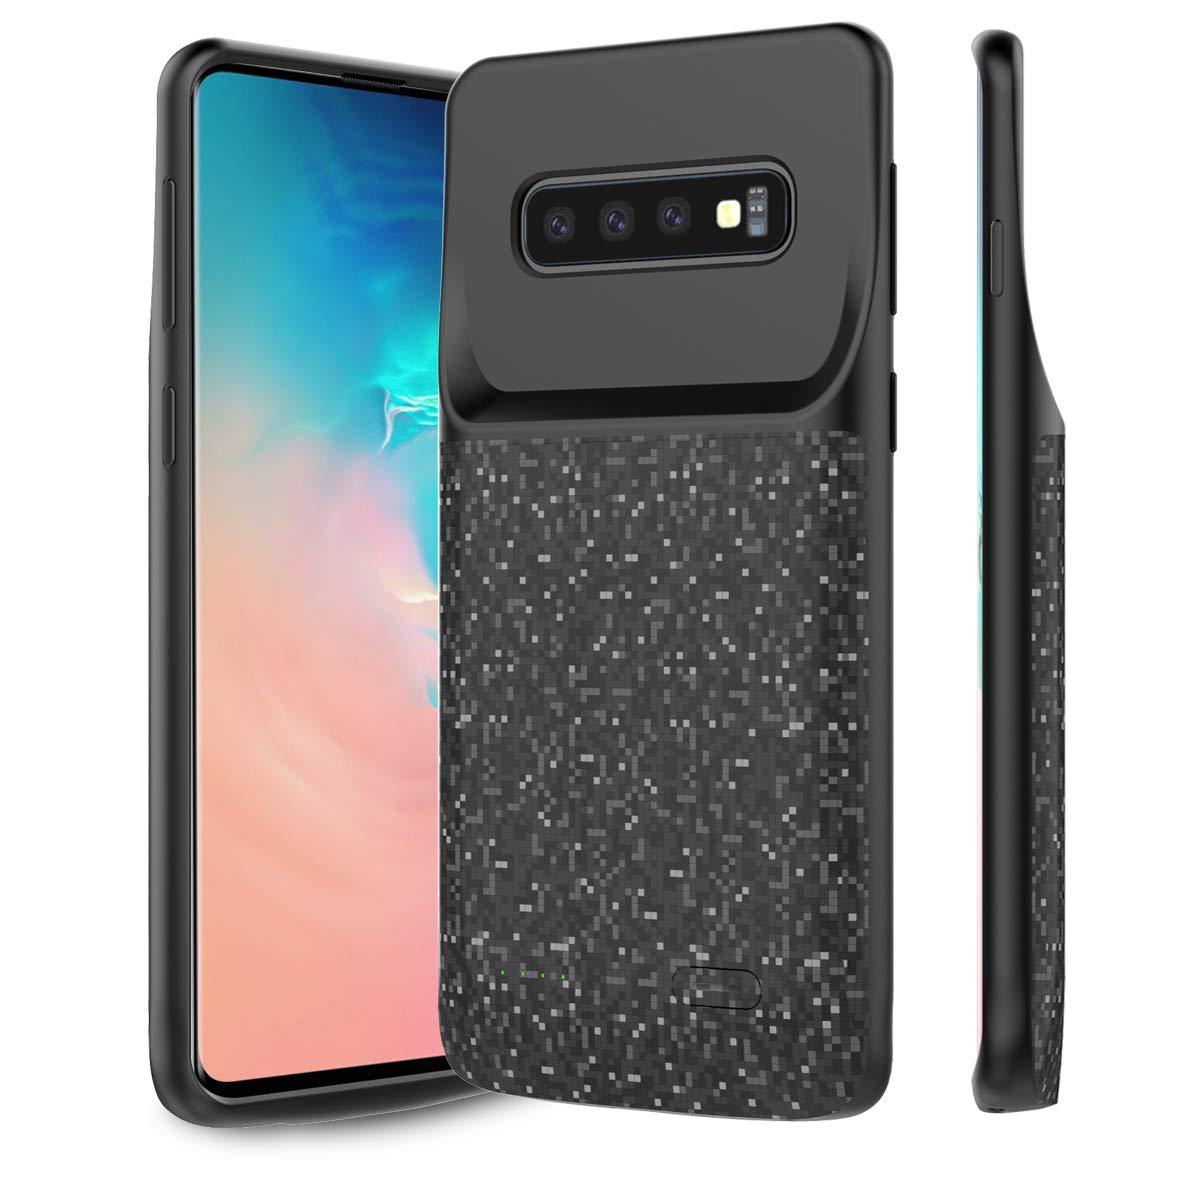 BasicStock Funda Batería Samsung Galaxy S10 Plus, 5000mAh Batería Externa Recargable Ultra Delgada Protector portátil Carga Caso de Prueba de Choque ...